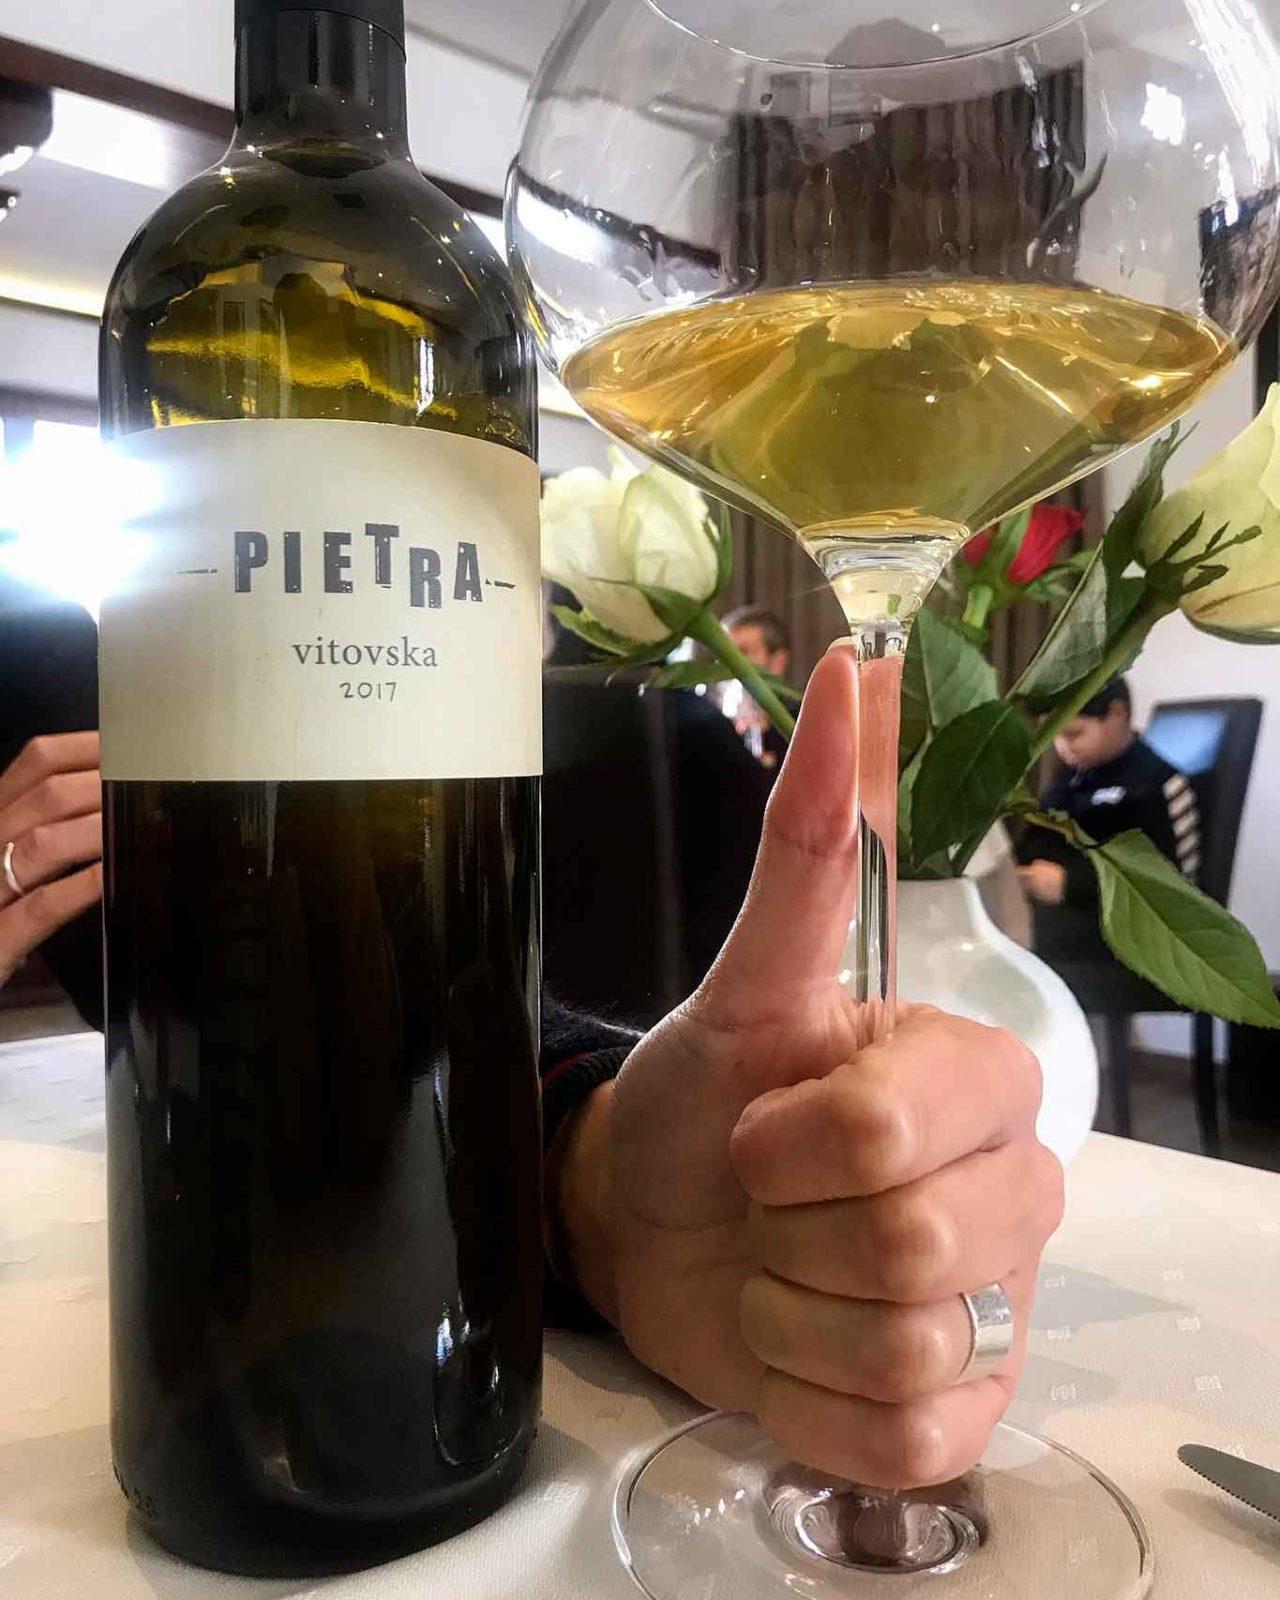 vino vitovska Pietra Slovenia